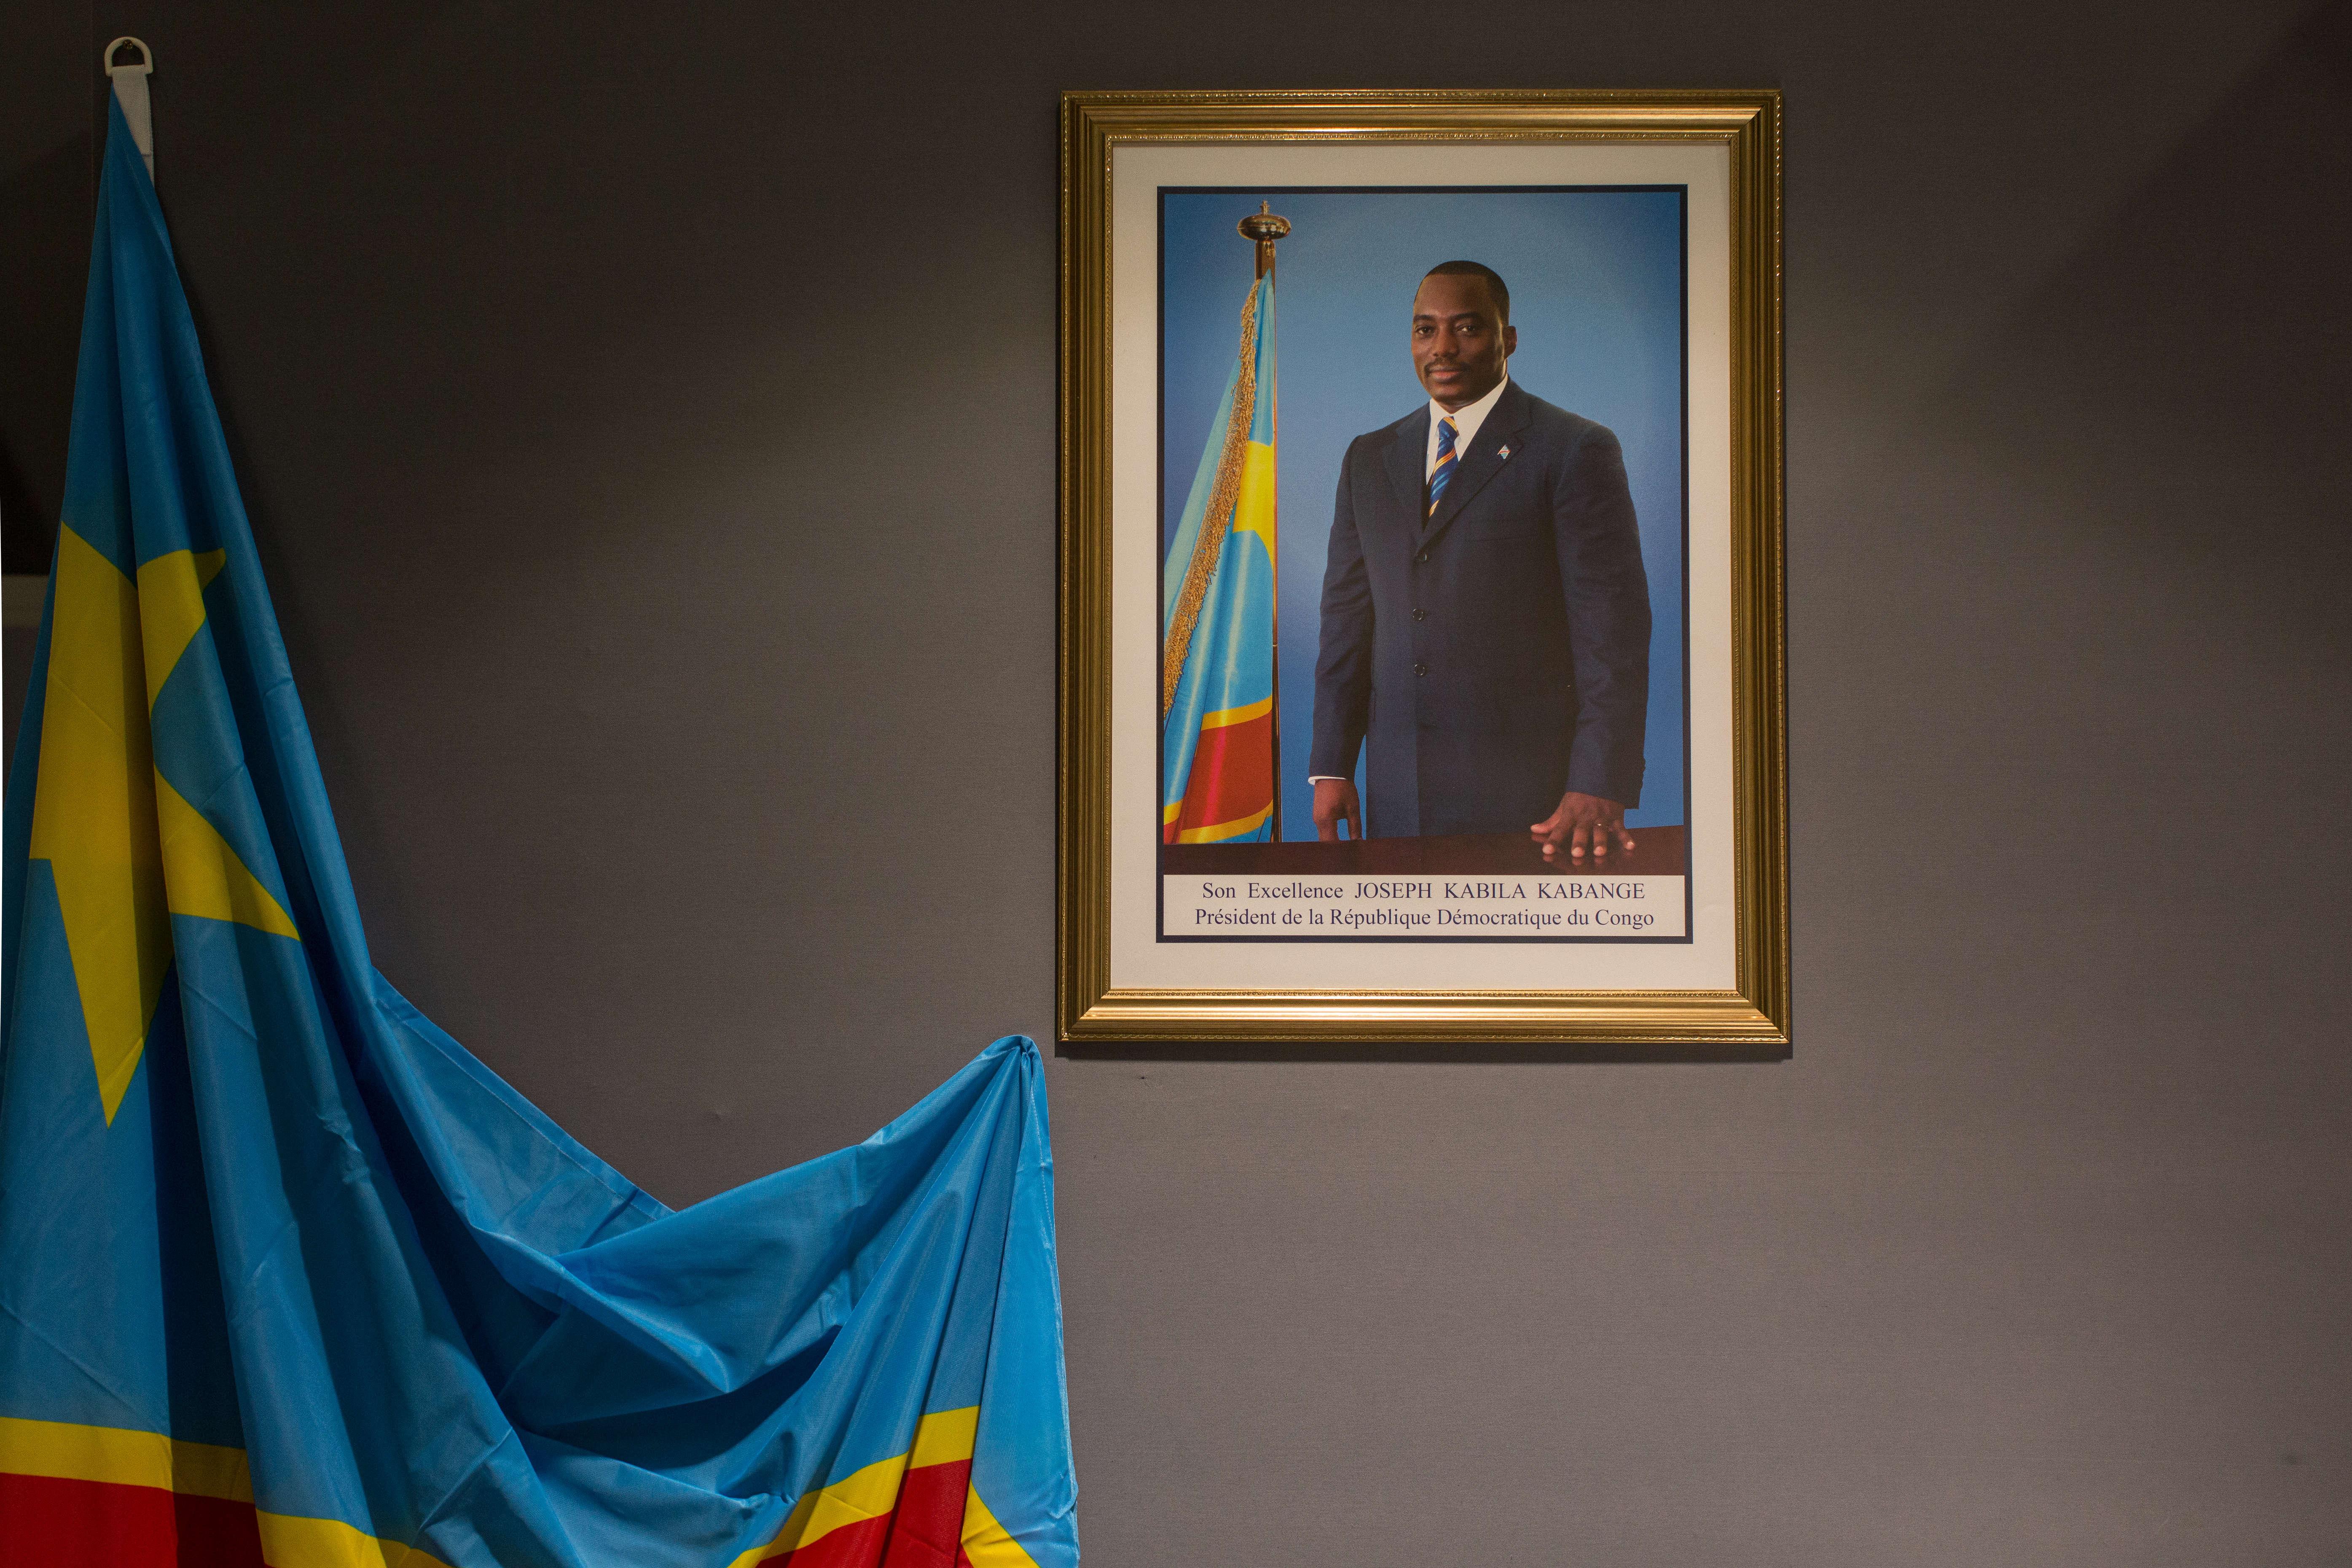 Le portrait officiel du président Joseph Kabila Kabange sur le mur du stand de la République démocratique du Congo.